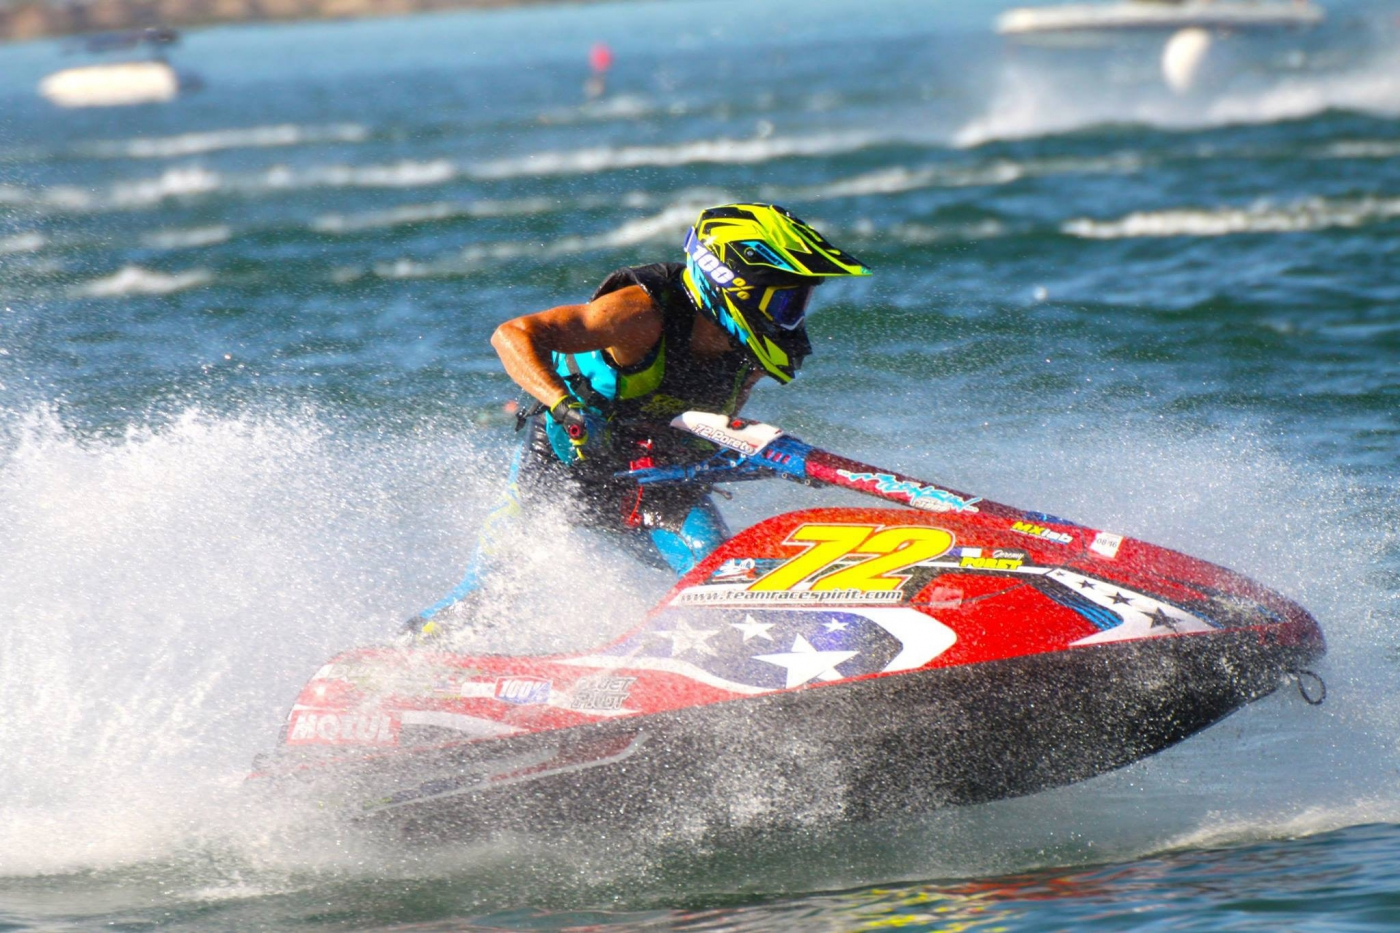 Entretien avec JÉRÉMY PORET, champion de Jet Ski